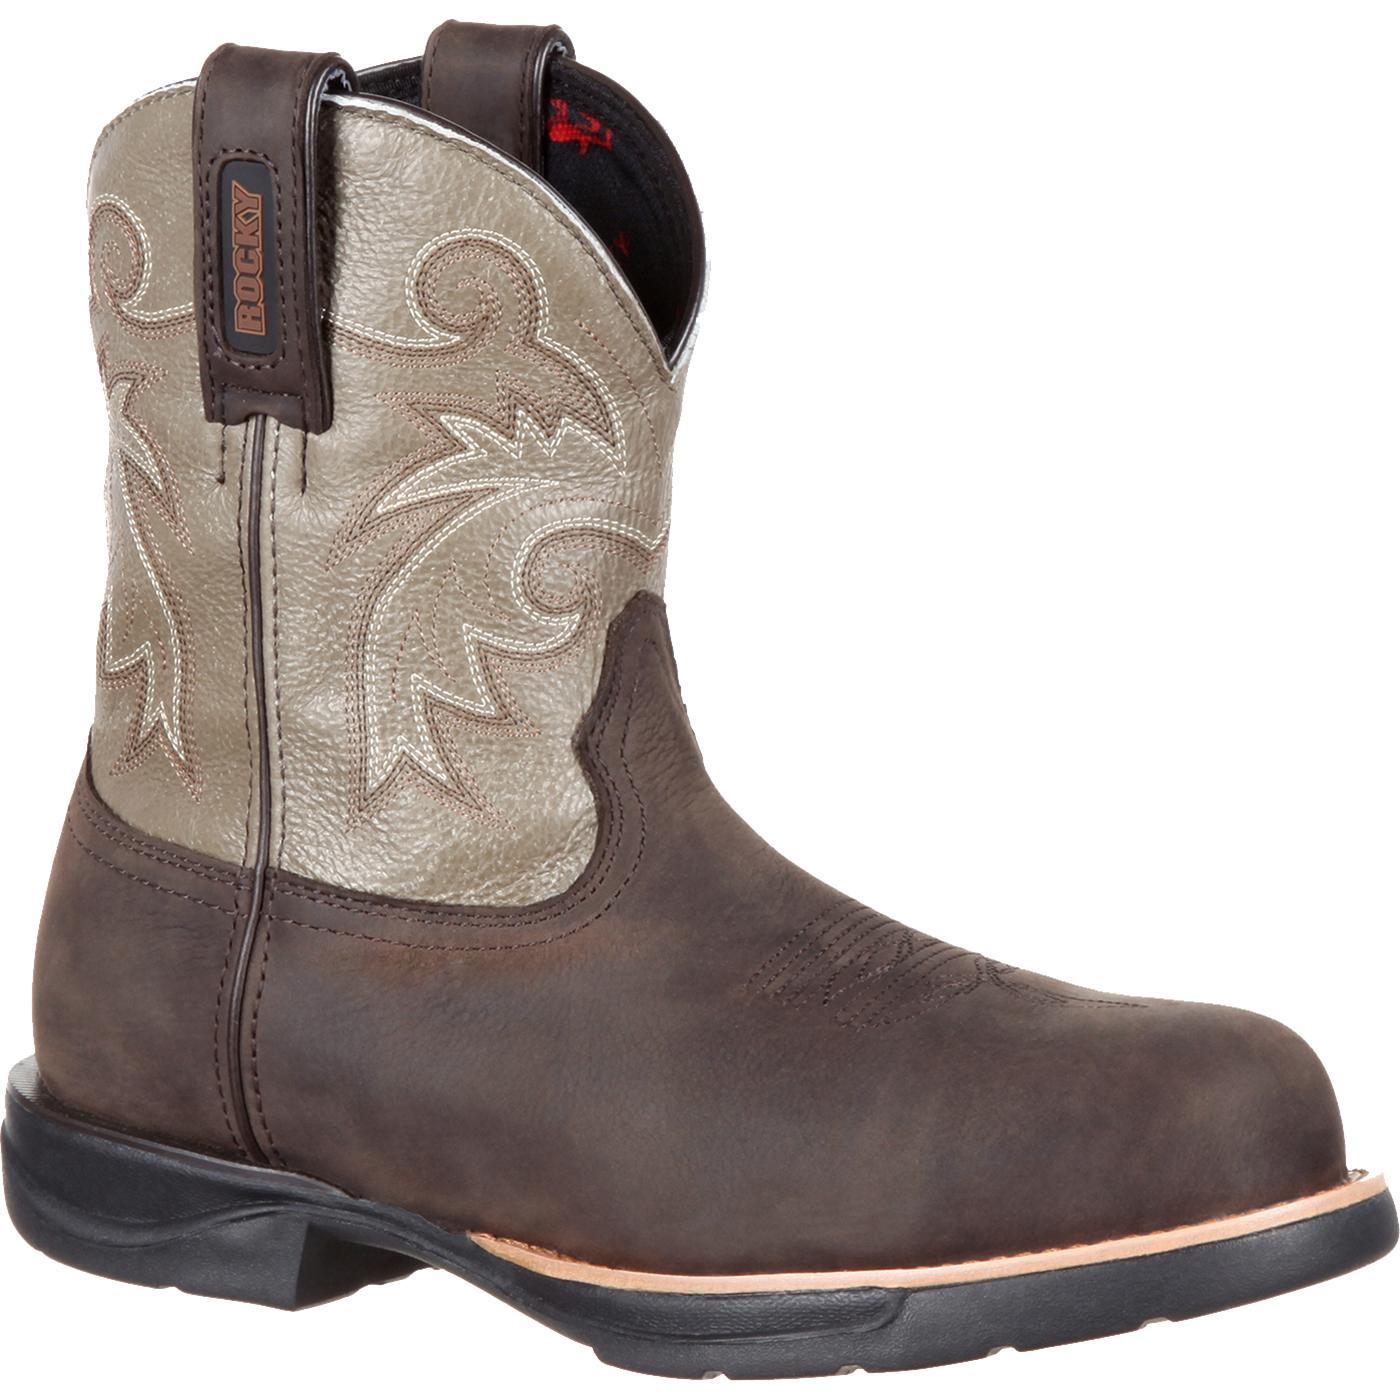 9f1bcd96e39 Rocky LT Women's Composite Toe Waterproof Western Boot